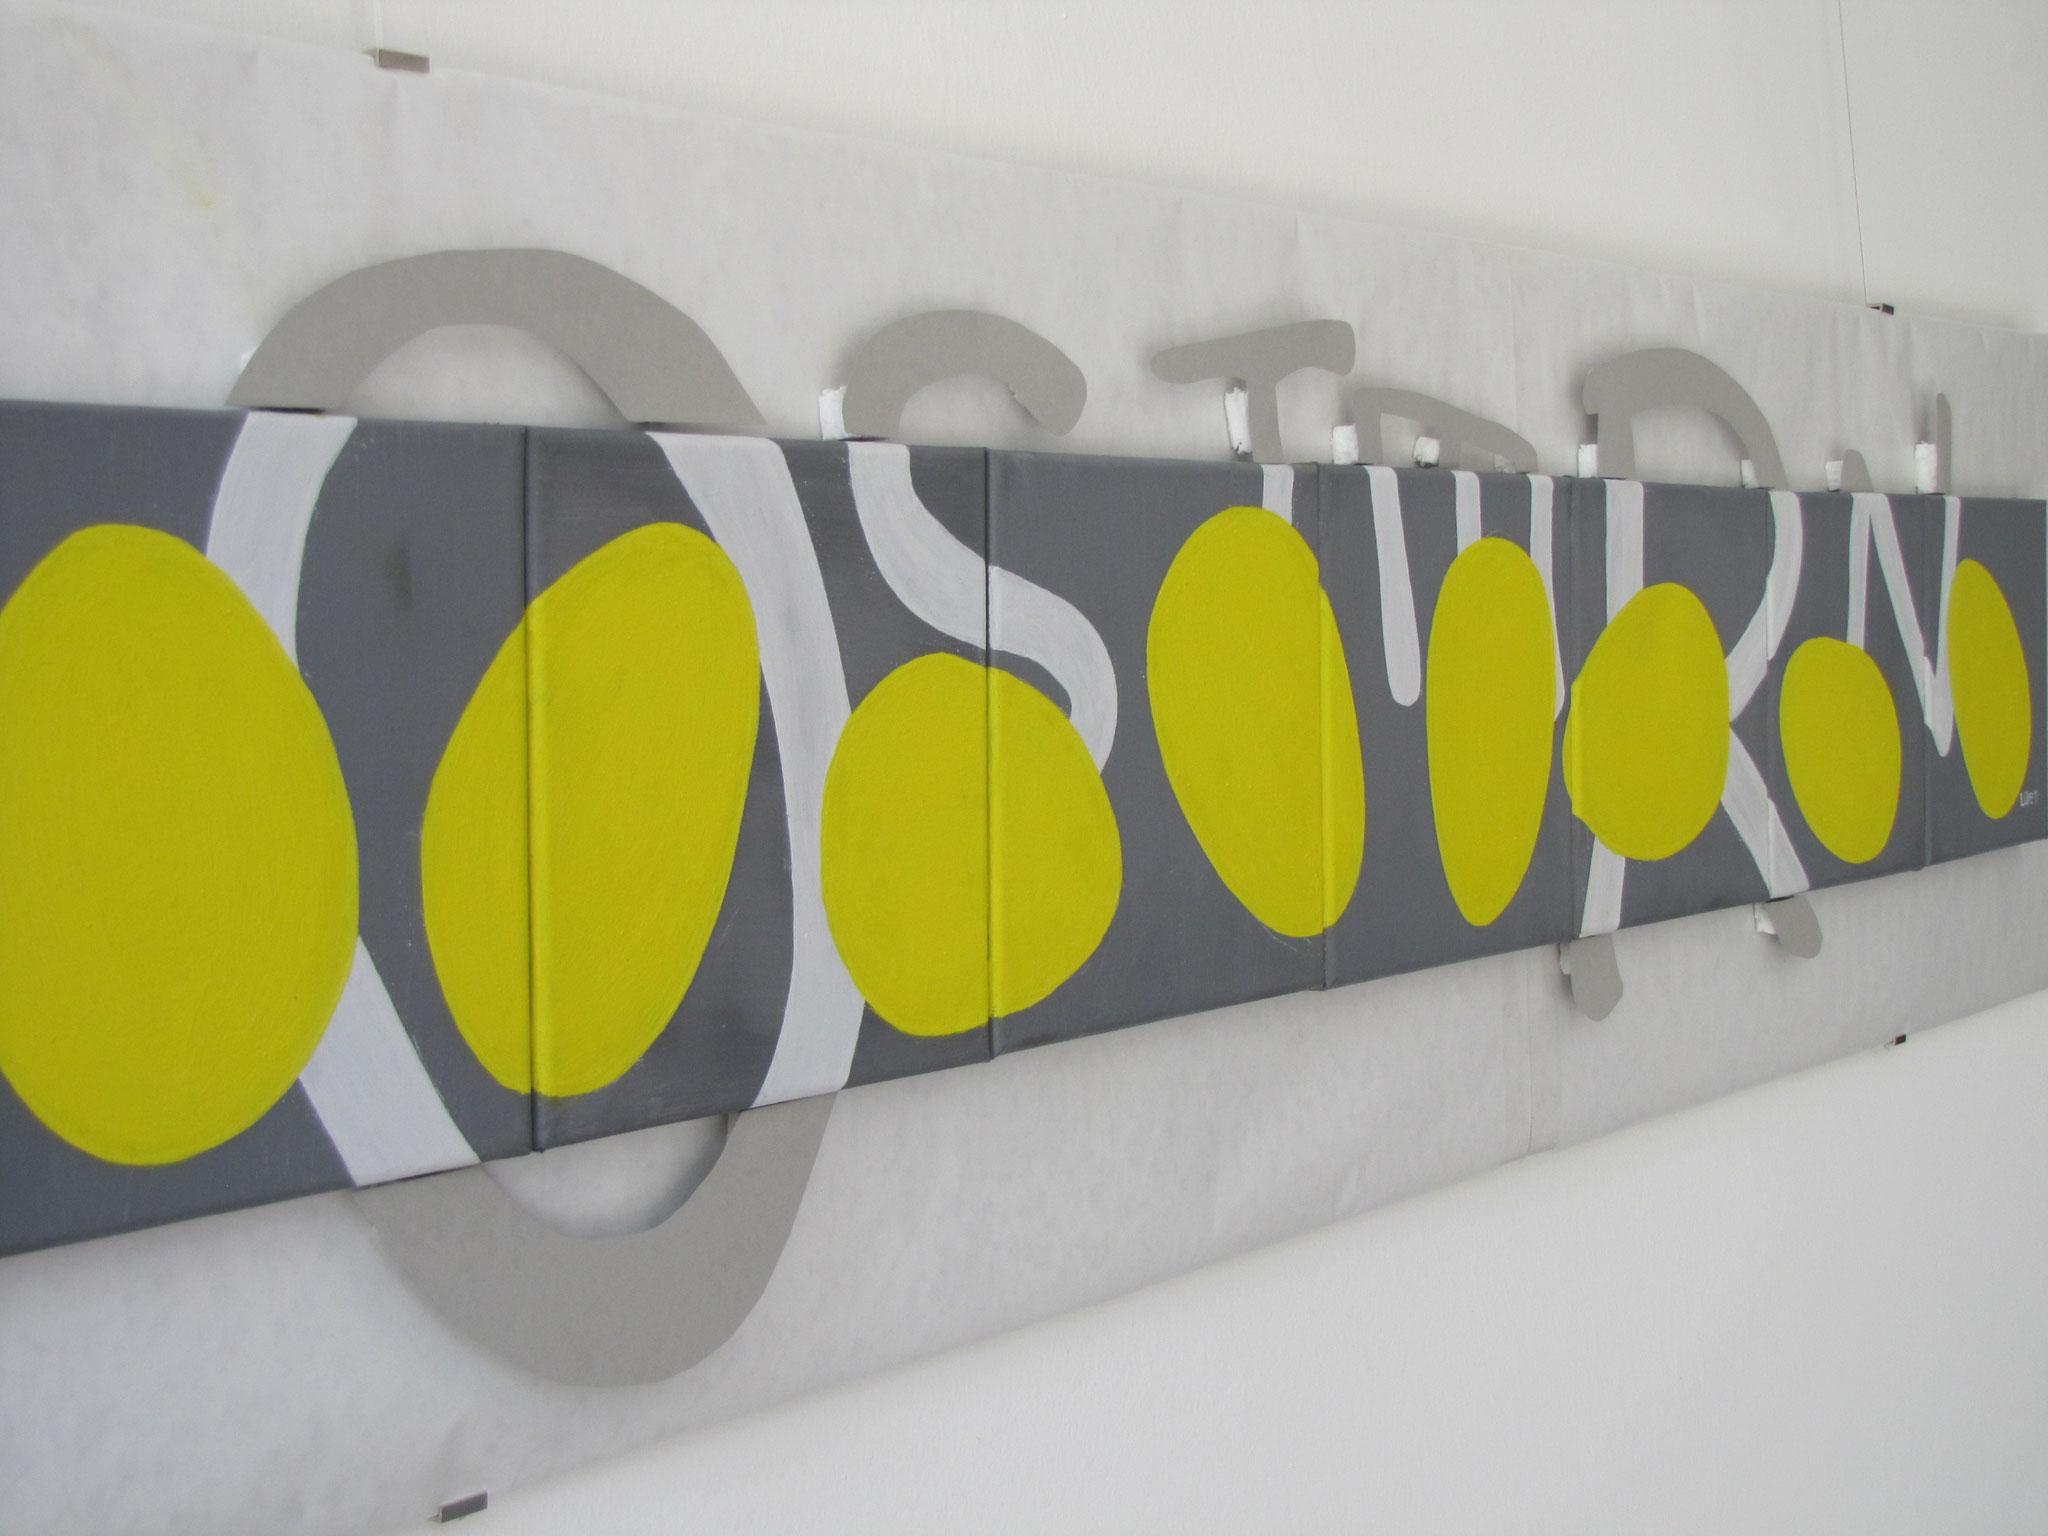 Eröffnung: 3. April 2011 / 15:00 Uhr